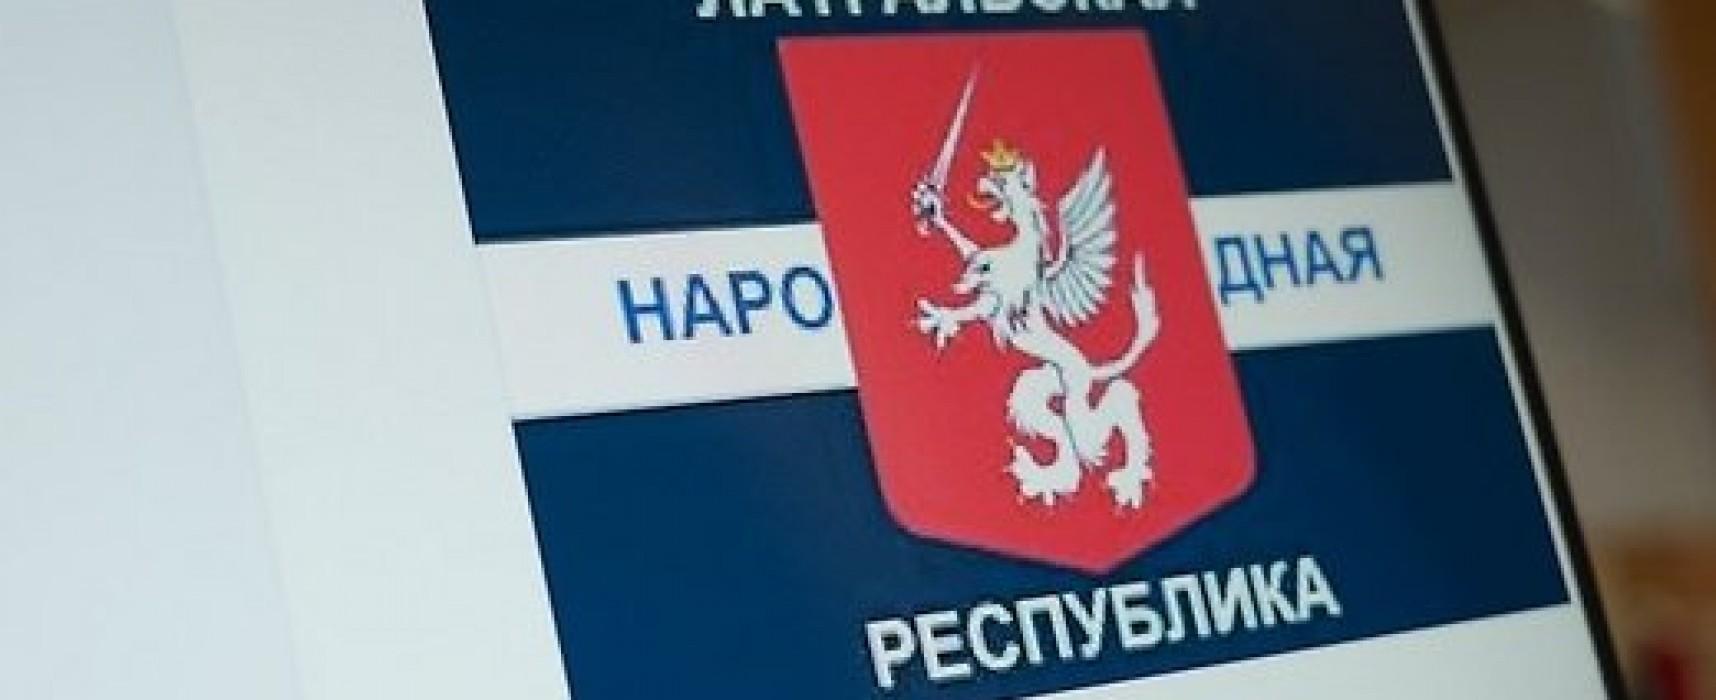 Полиция безопасности Латвии проверяет распространение в соцсетях идеи «Латгальской народной республики»